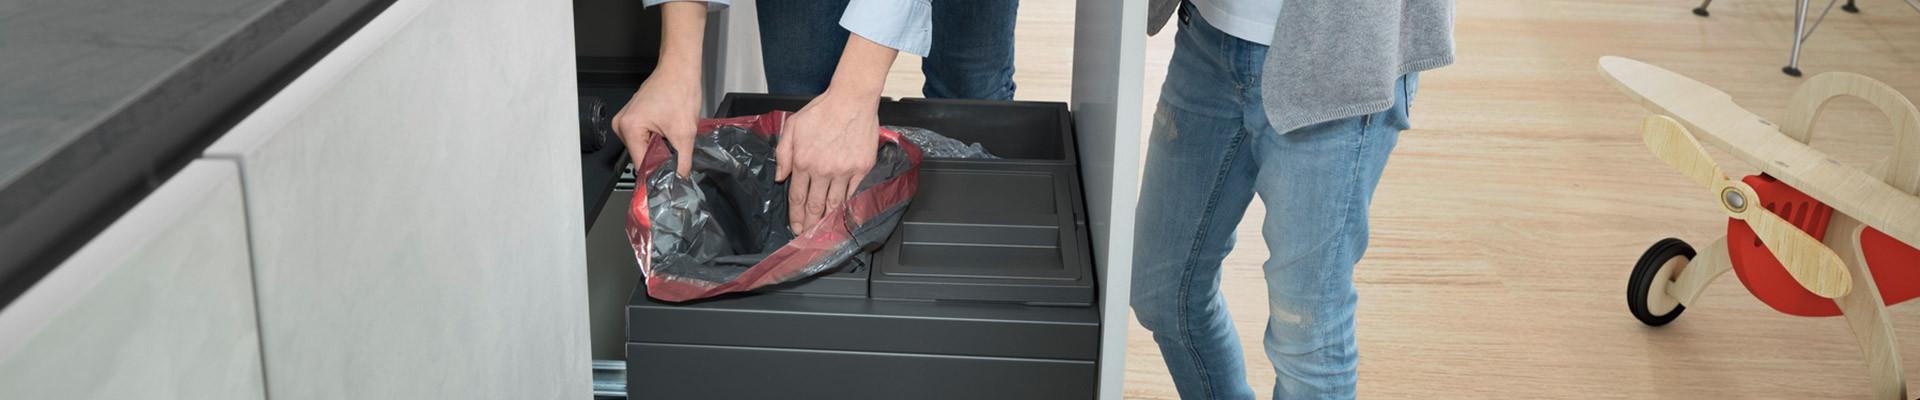 Accessoire poubelle : sacs poubelles, Hailo Libero   Hailo France